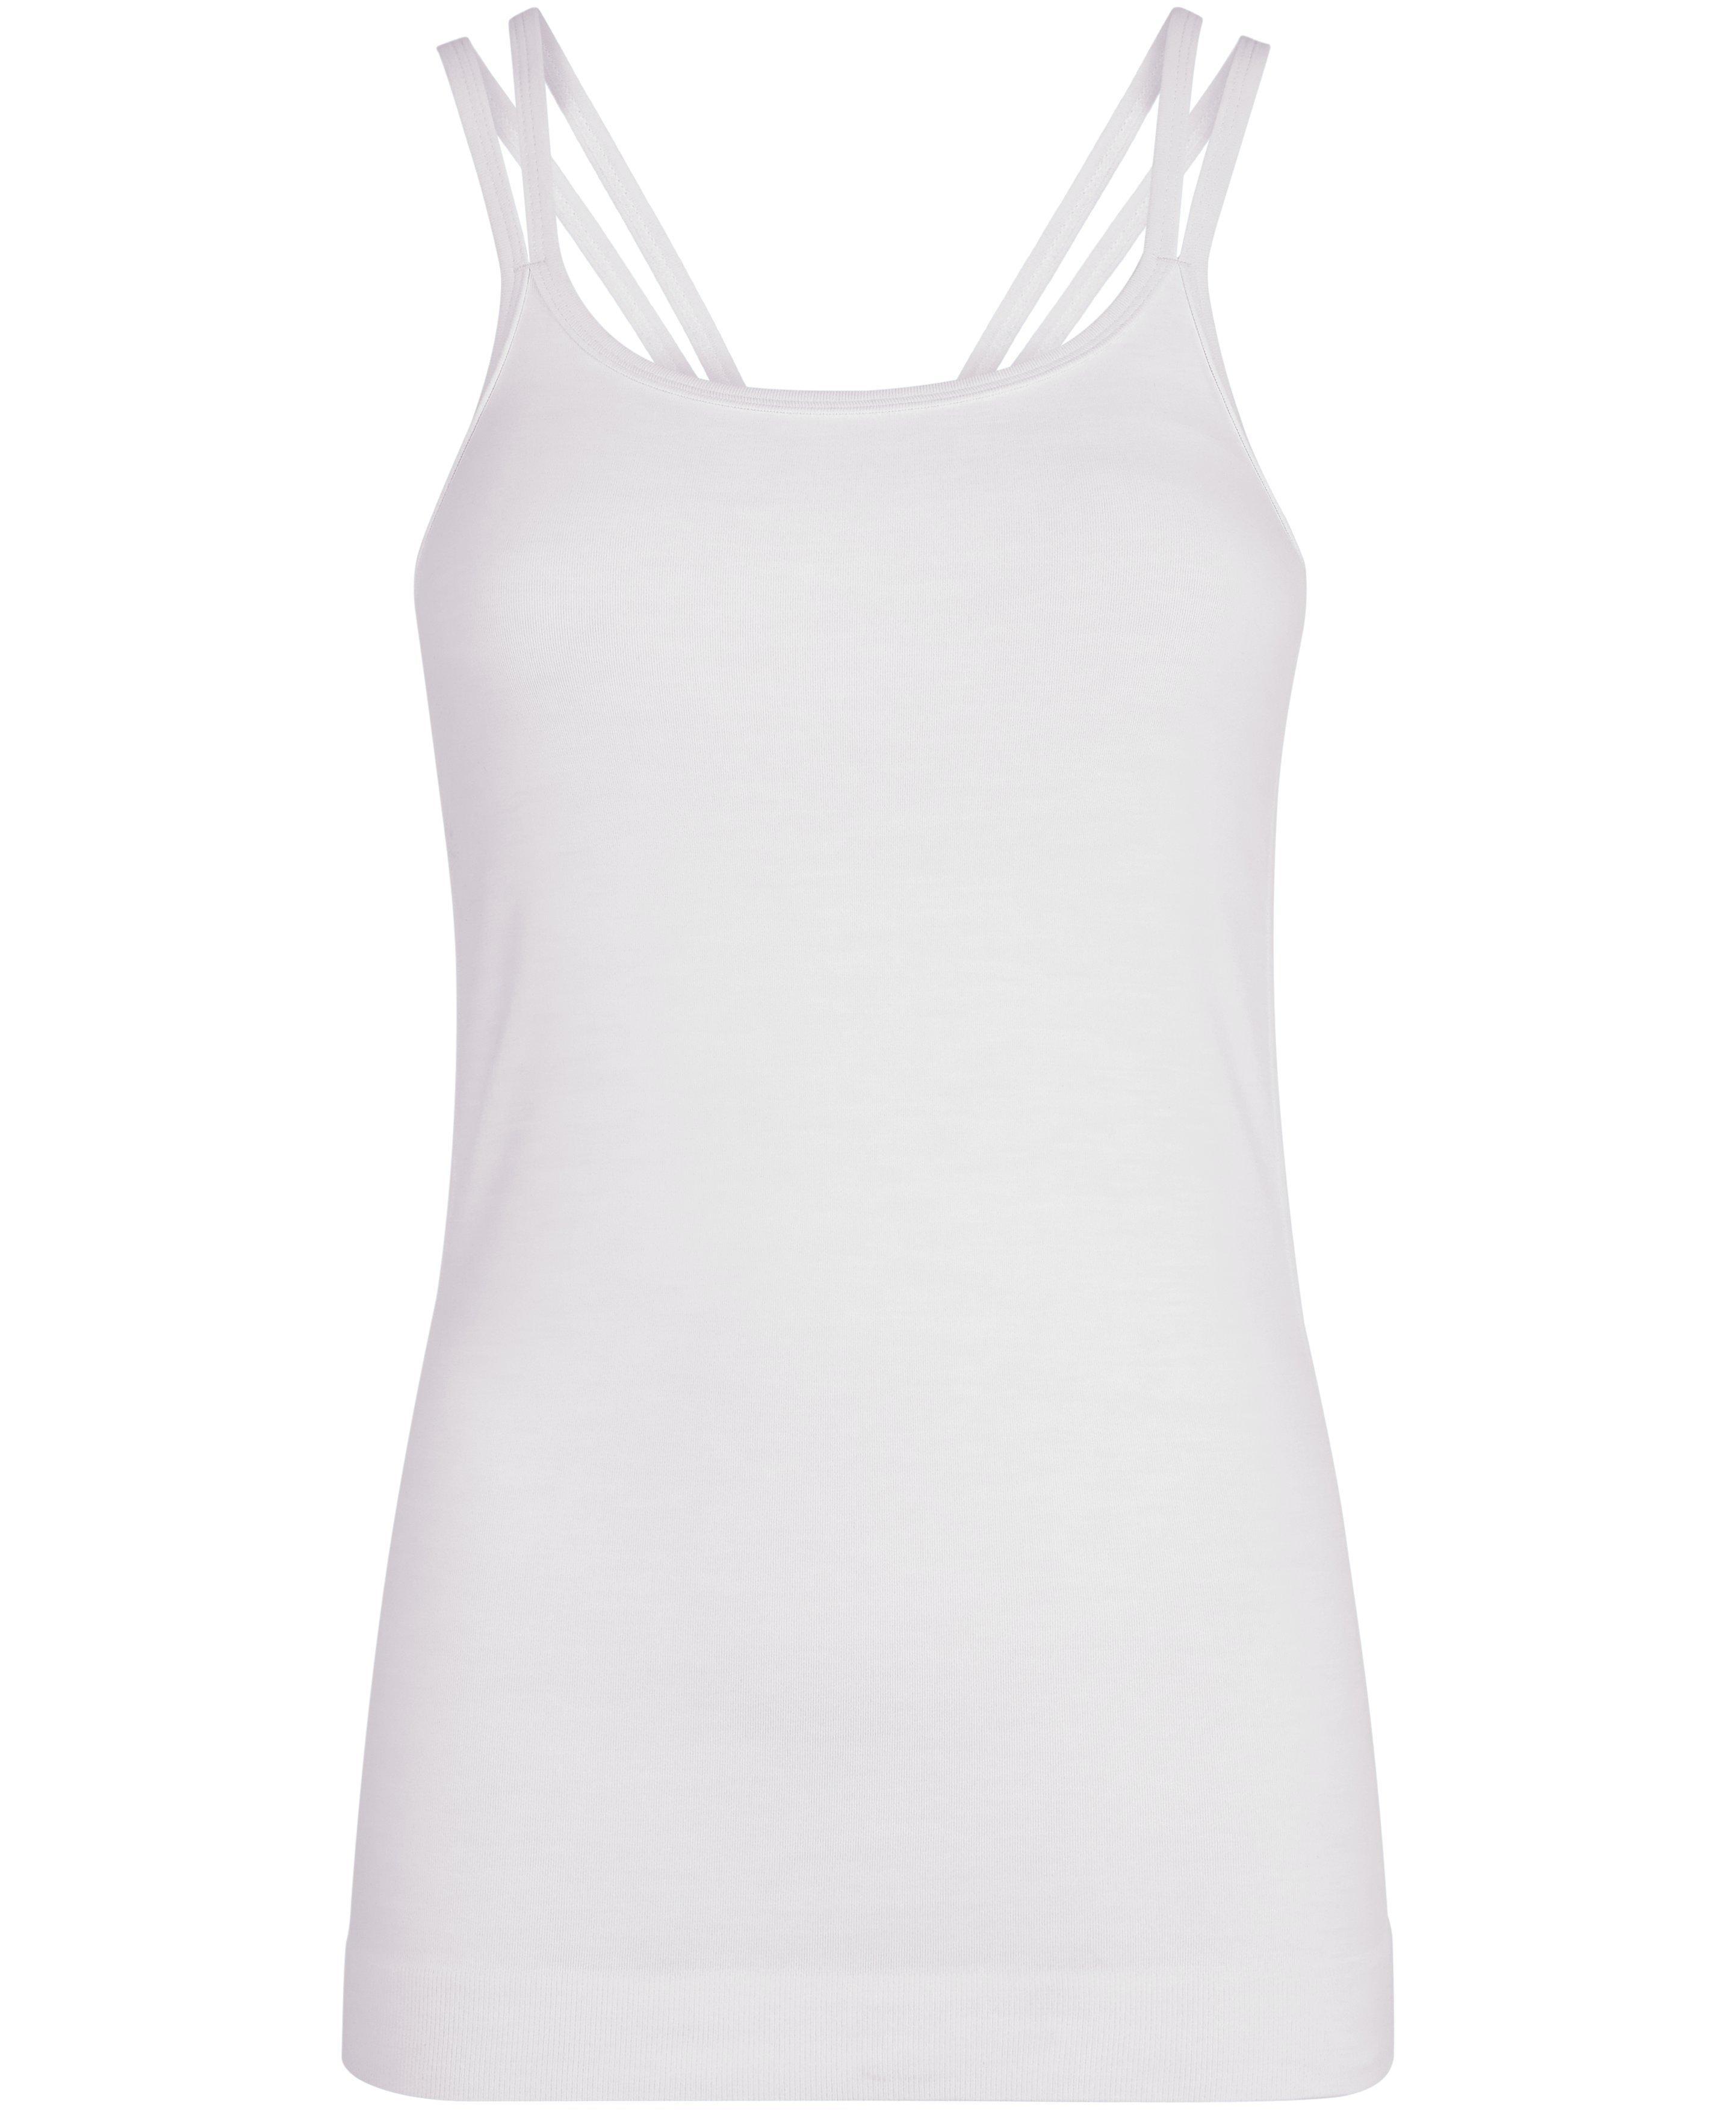 Sb4277 white 1